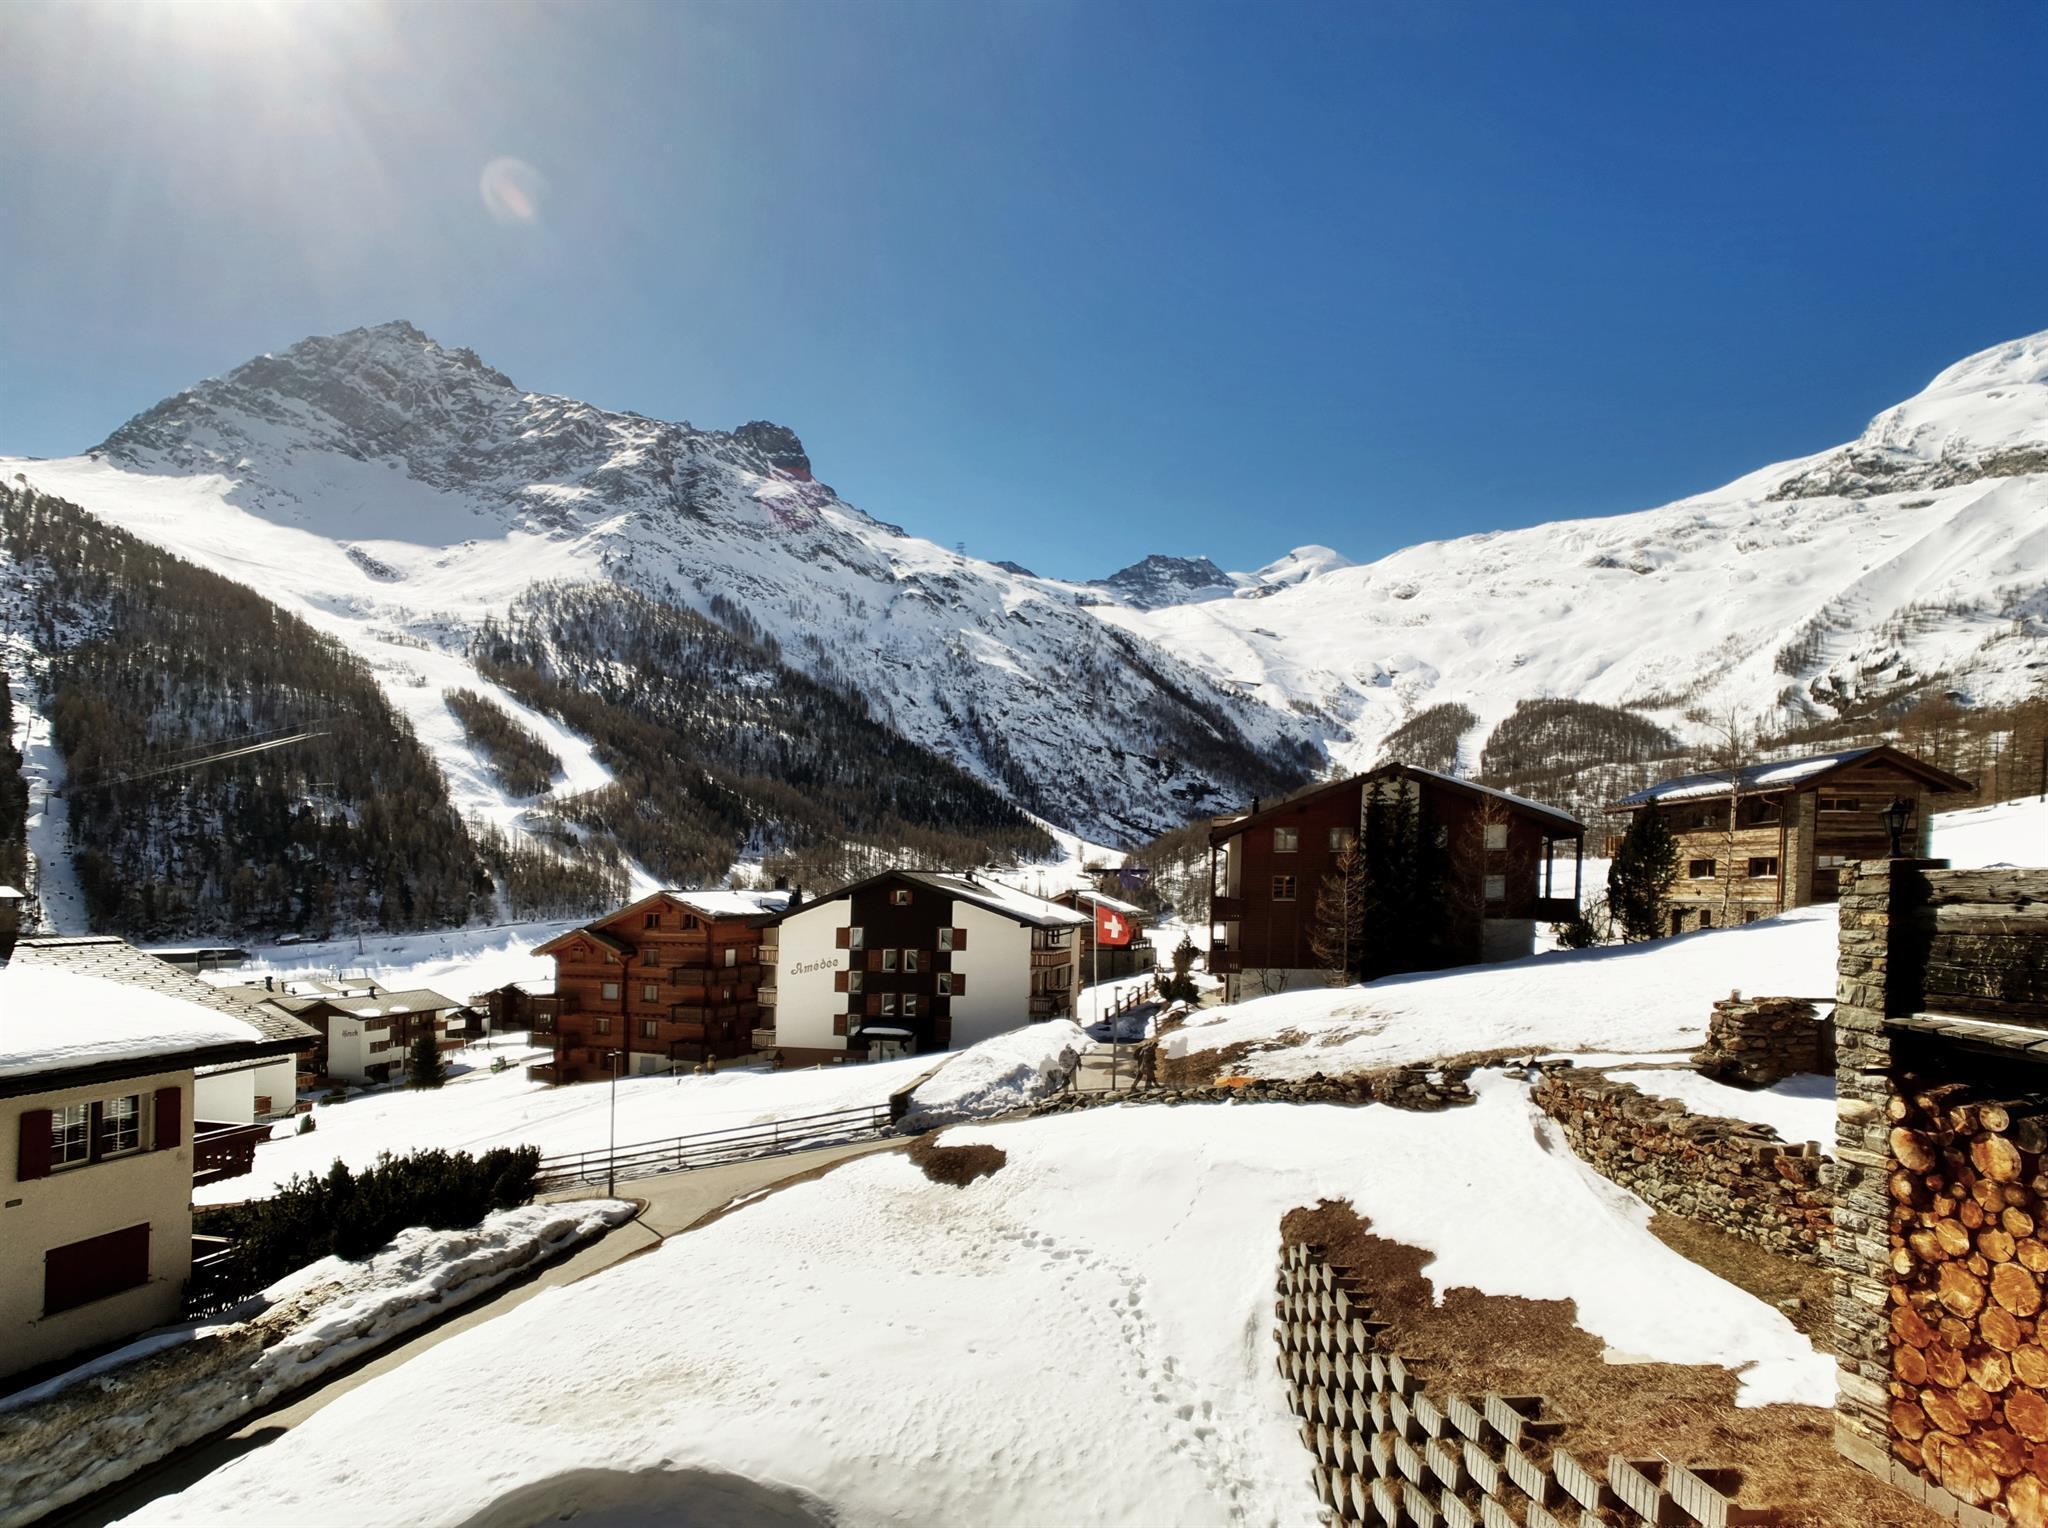 Ferienwohnung Evelyne Appartement/Fewo (2829258), Saas Fee, Saastal, Wallis, Schweiz, Bild 23